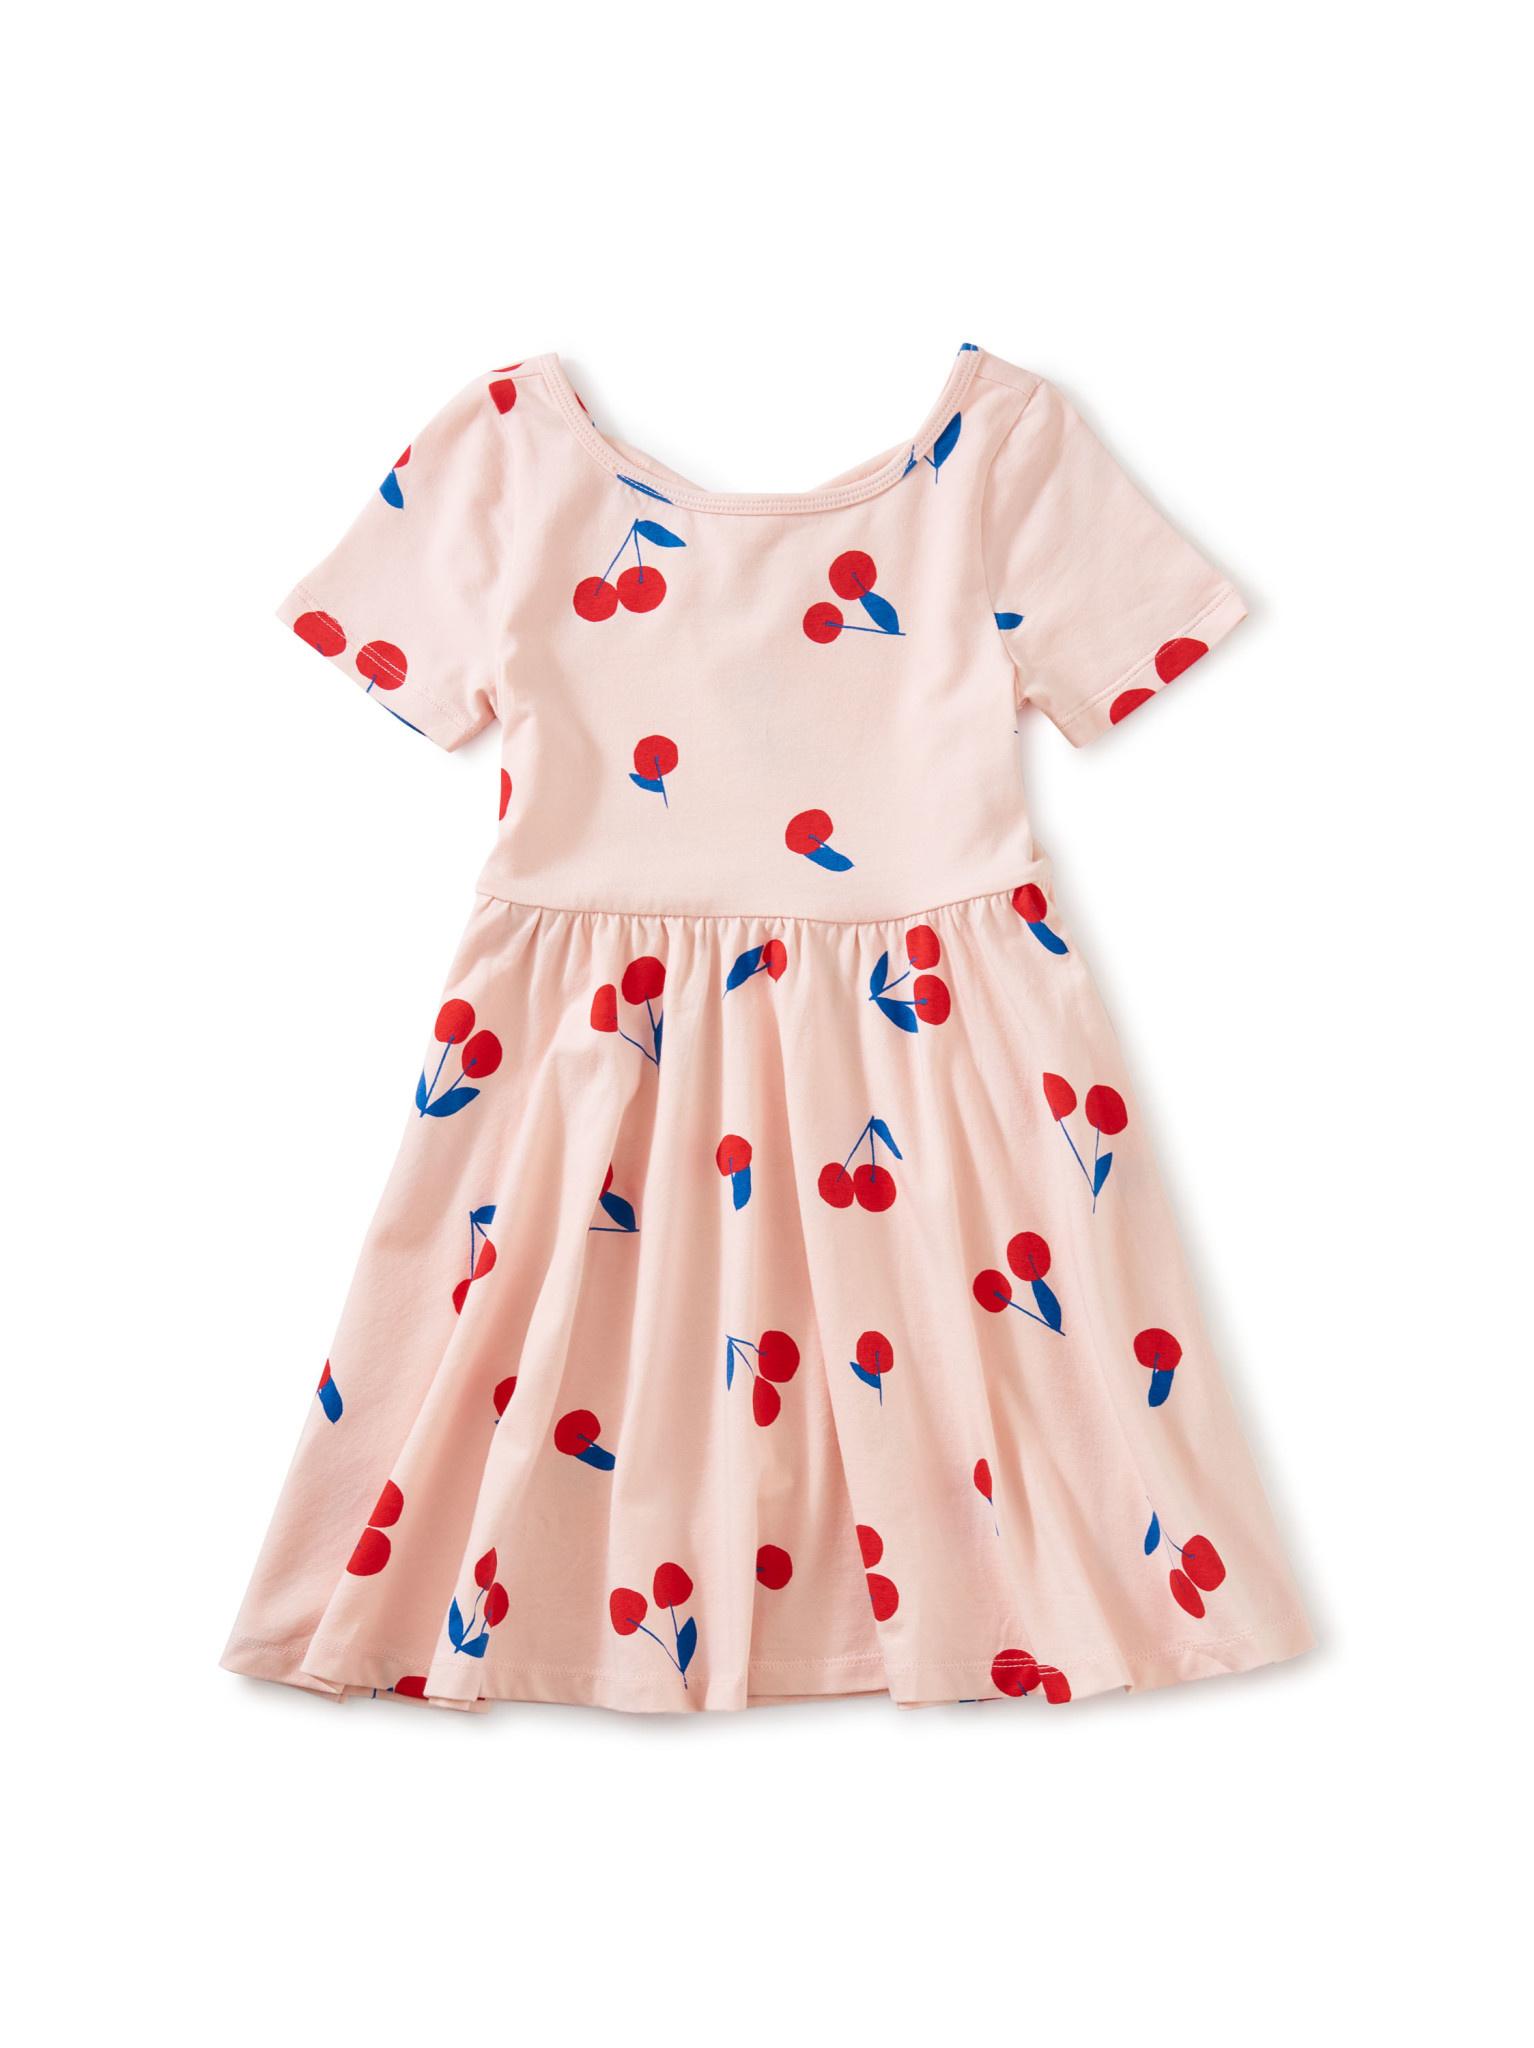 Tea Collection Ballet Dress - Ginja Cherry Pink